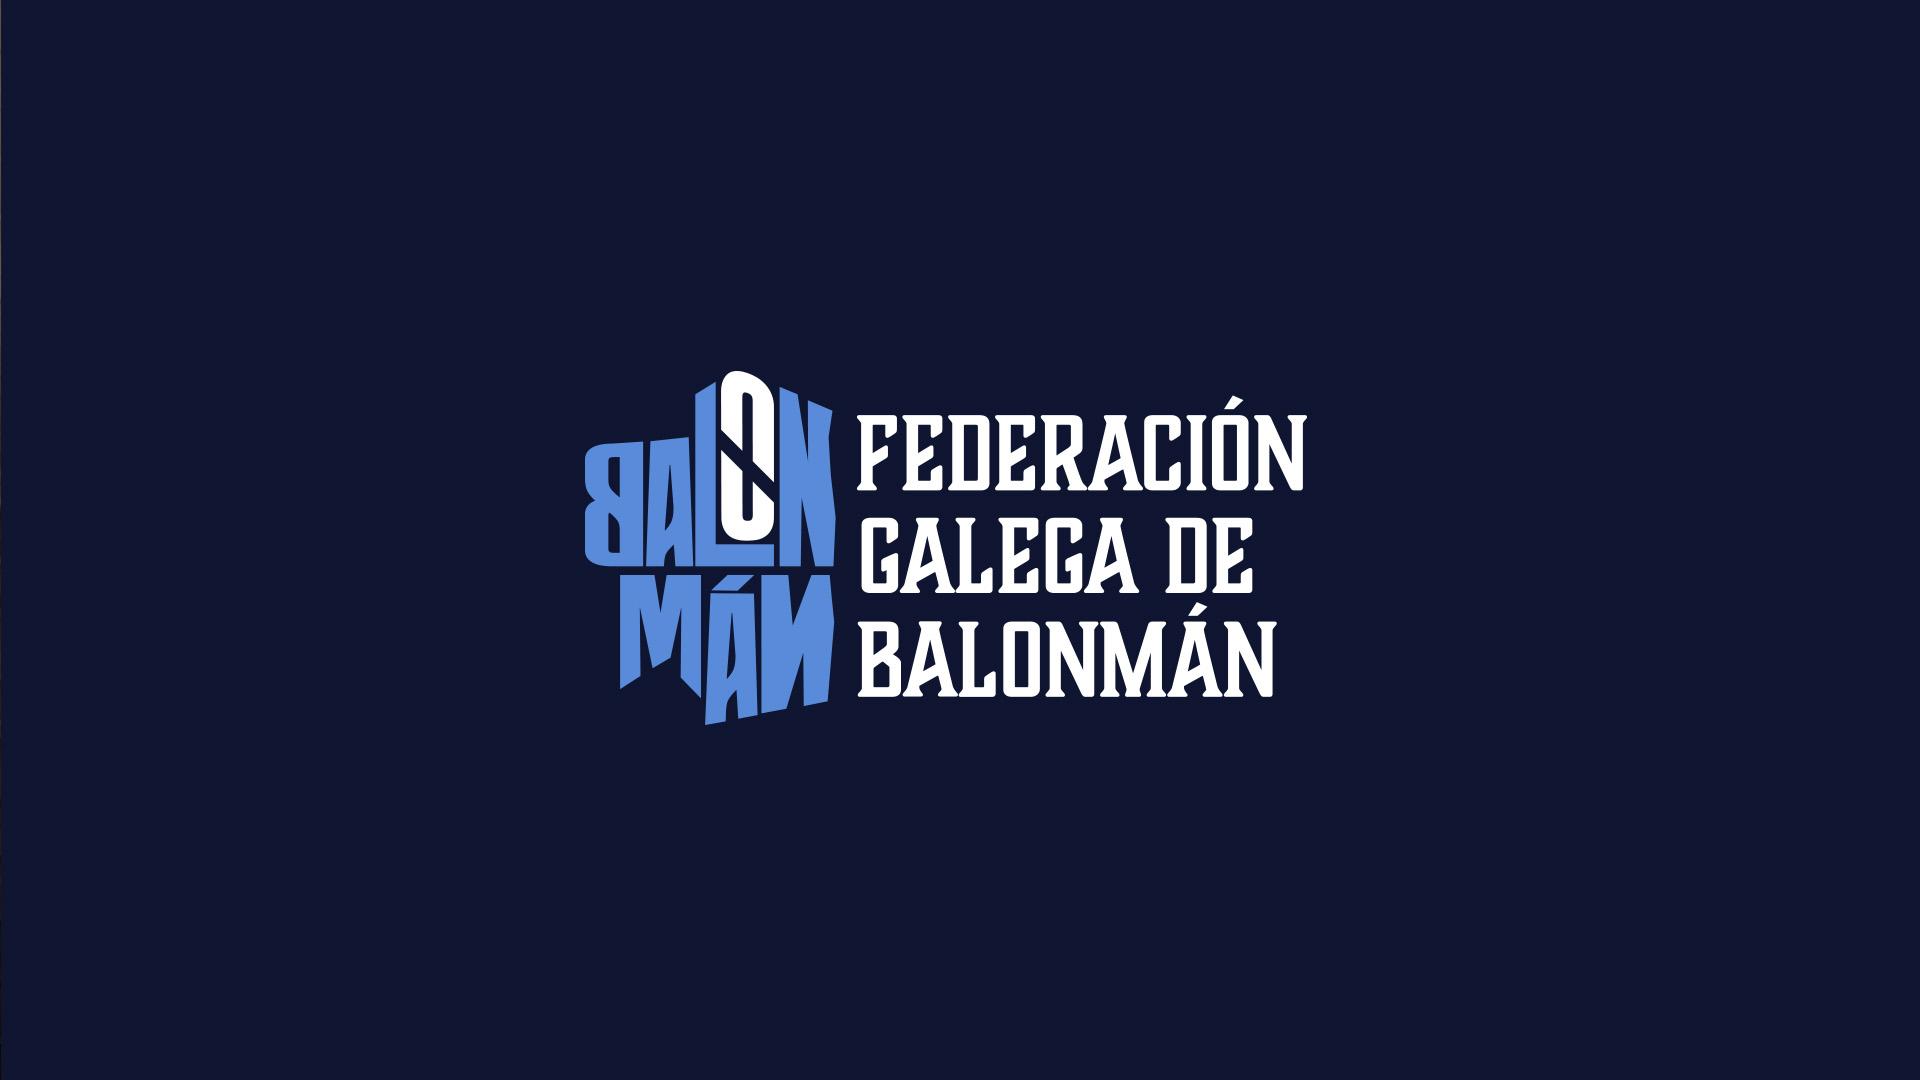 Federación Galega Balonmán | FGB